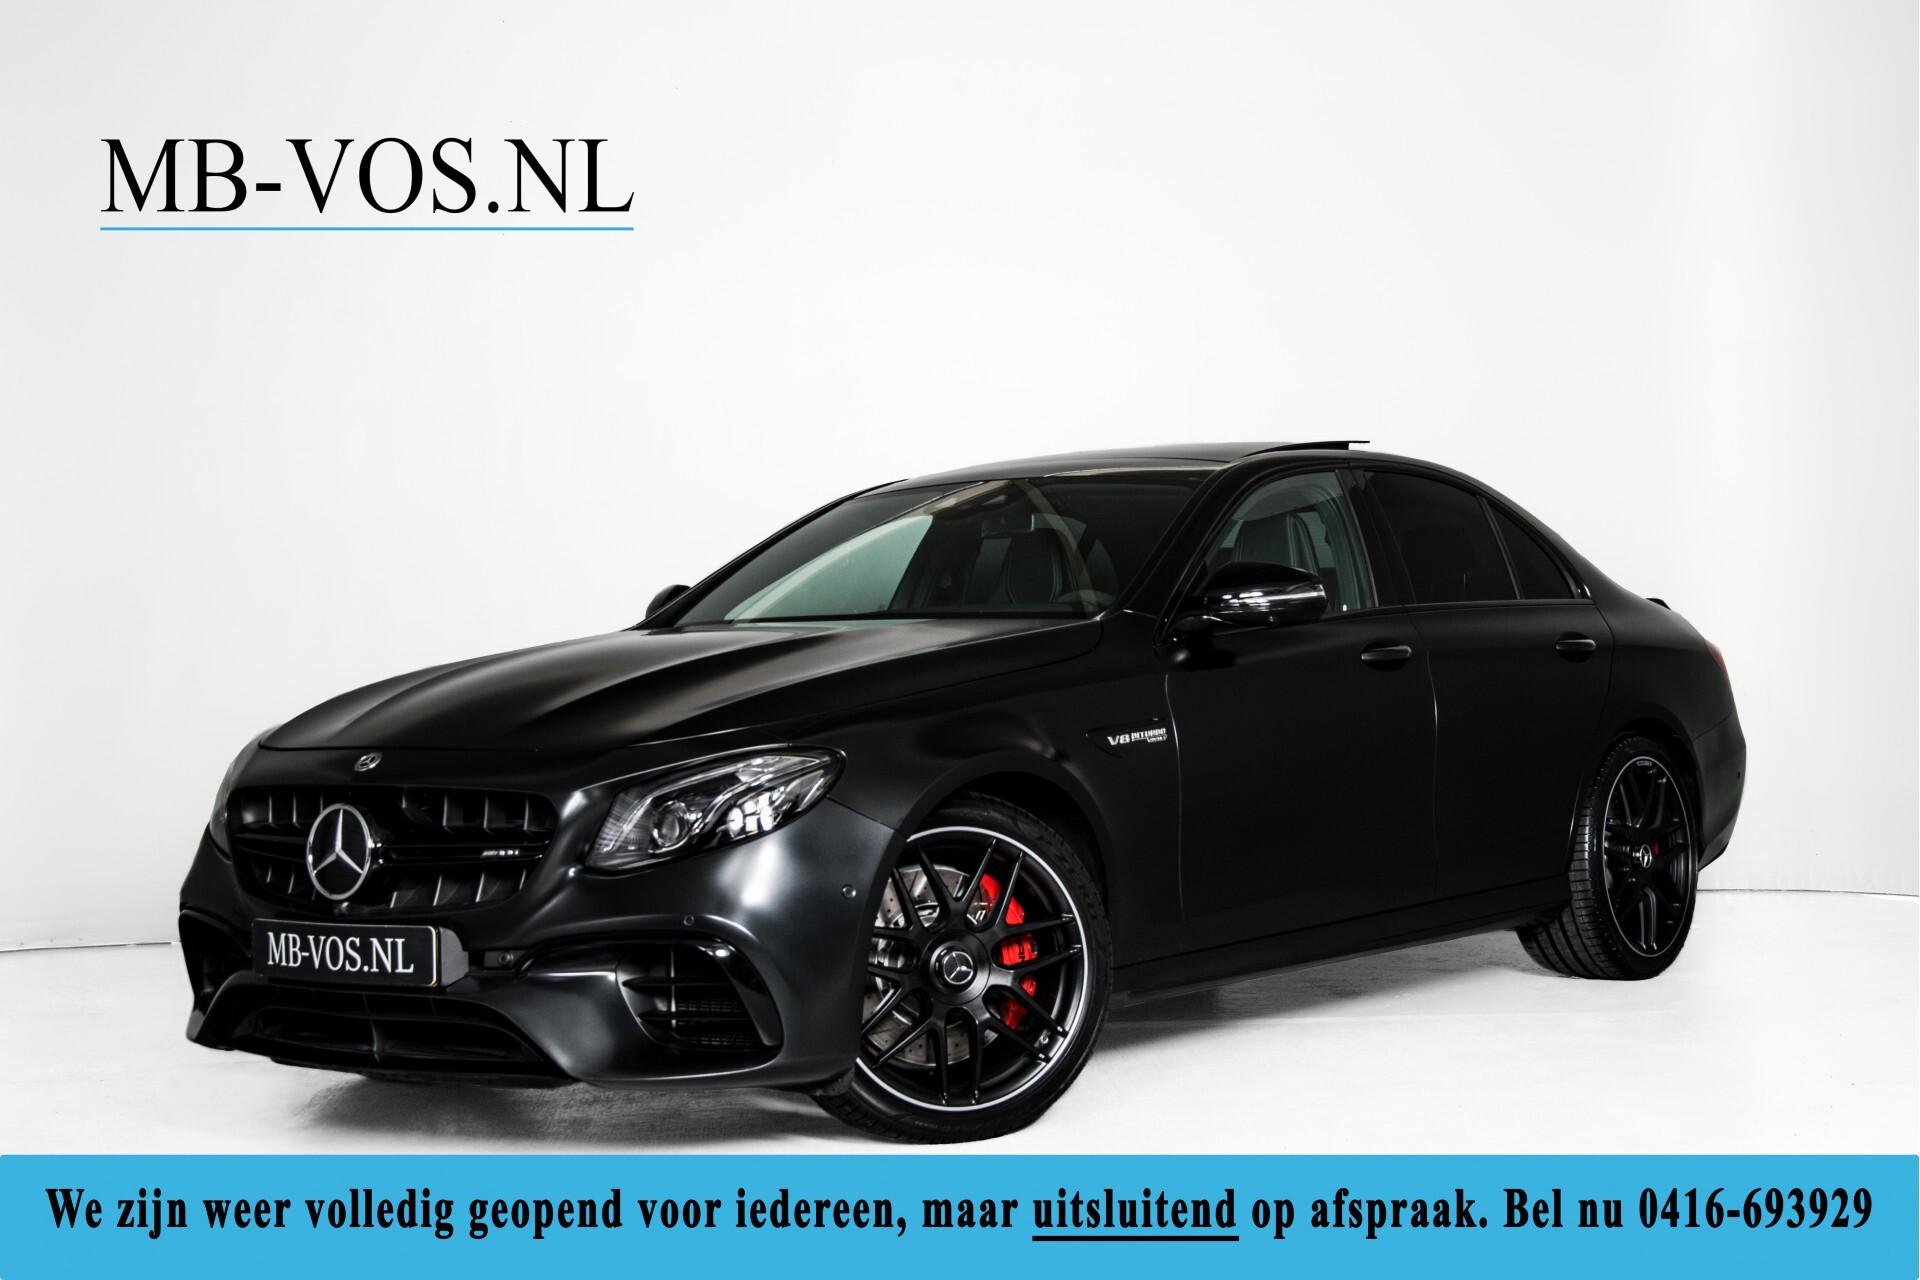 Mercedes-Benz E-Klasse 63 S AMG 4-Matic+ Edition 1 Matzwart/Carbon/Full Options Aut9 Foto 1